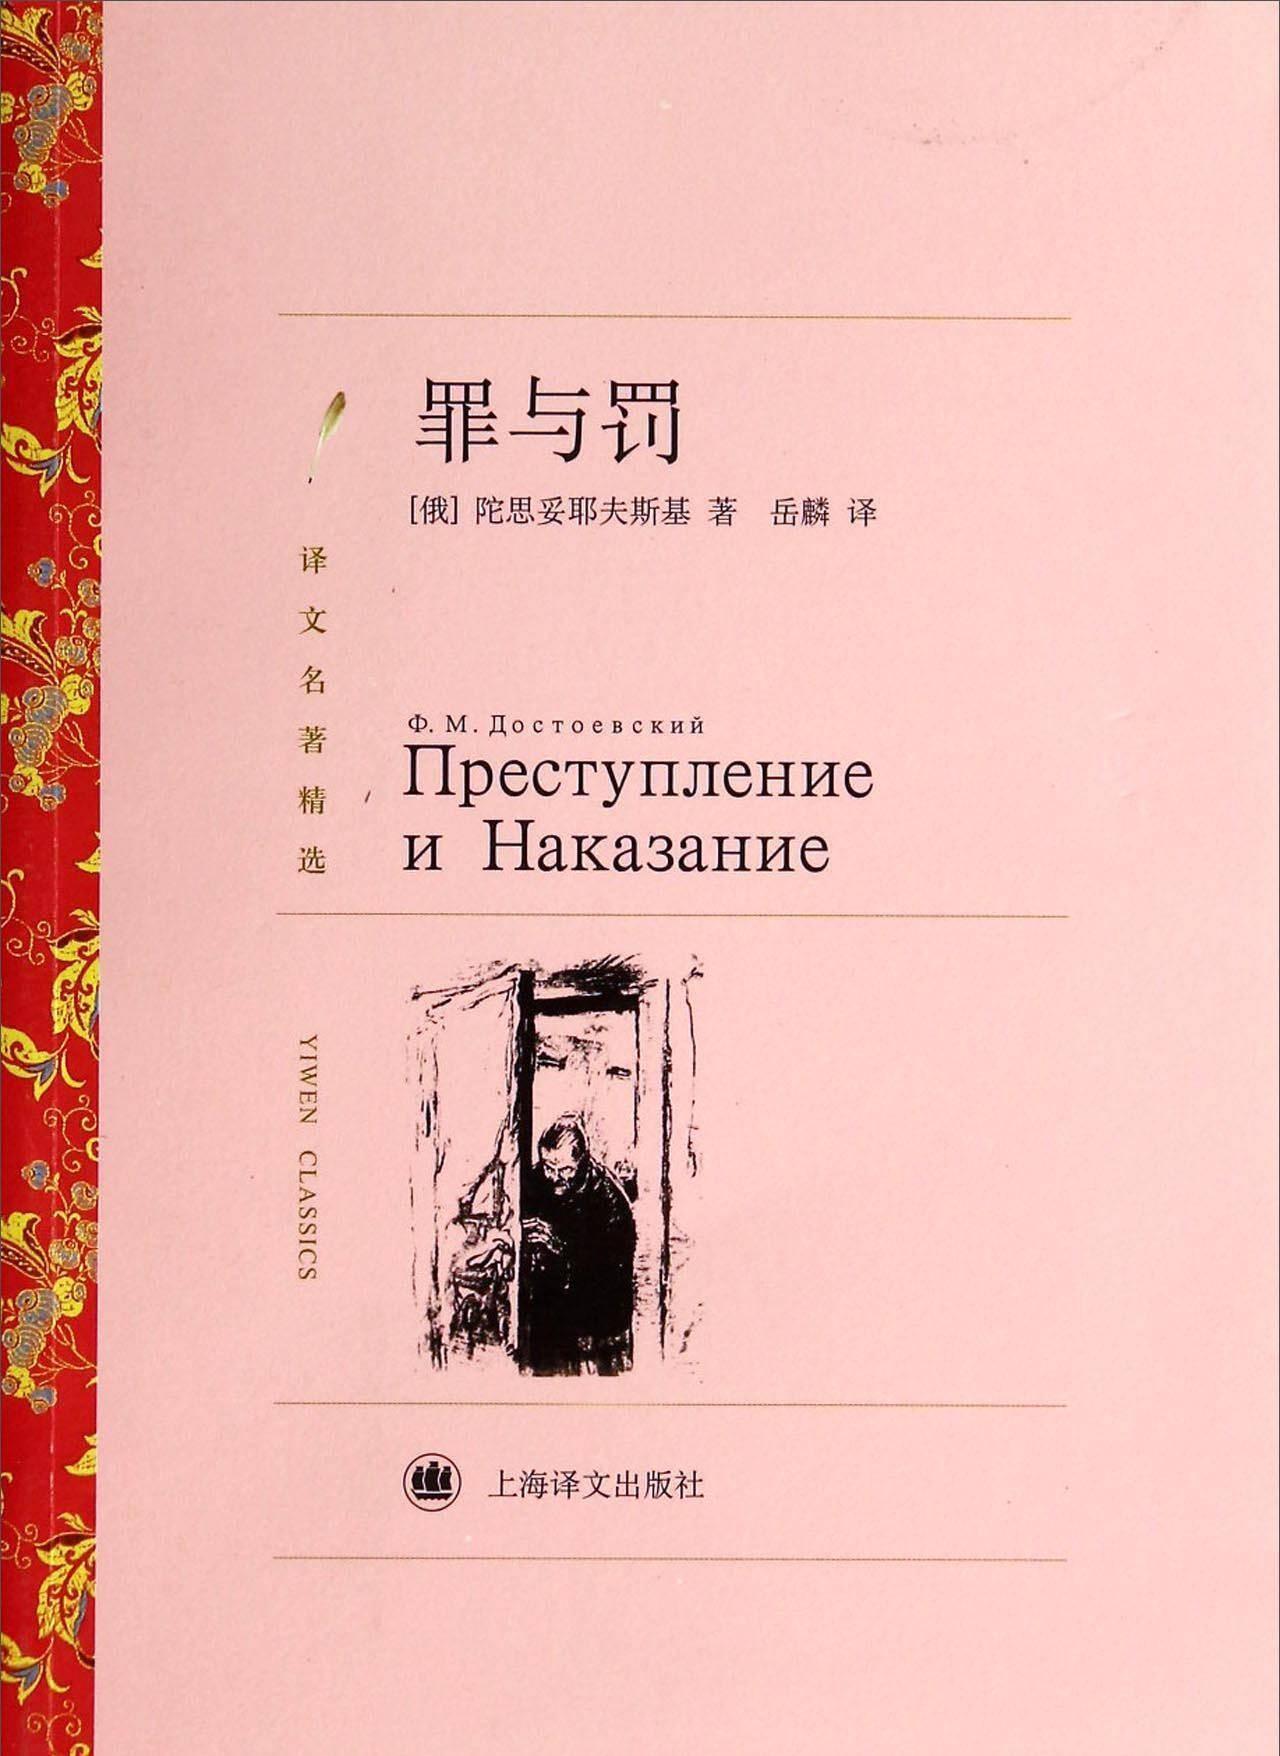 陀思妥耶夫斯基作品中的负罪意识是什么,如何产生,又如何消解的